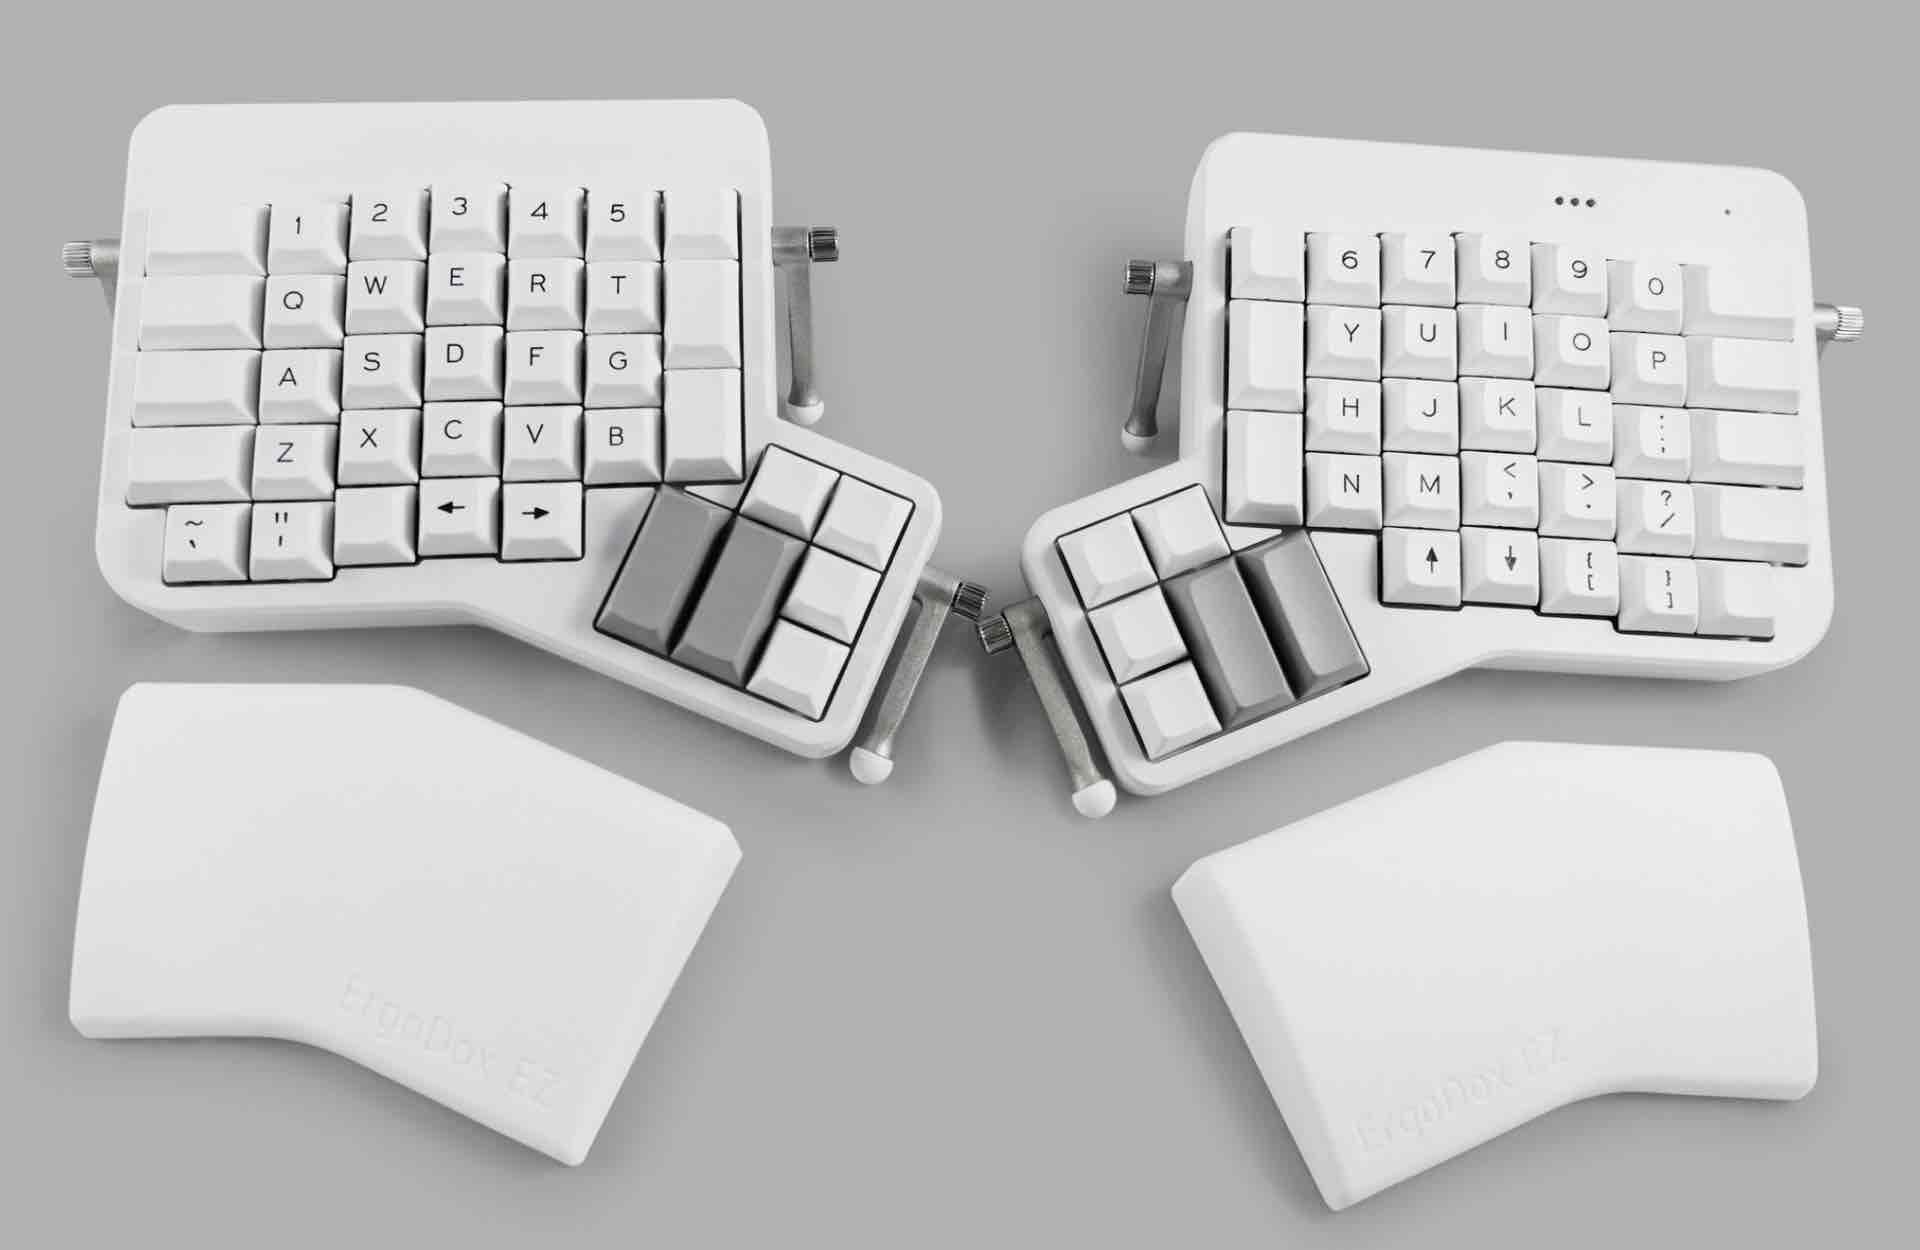 ergodox-ez-split-mechanical-keyboard